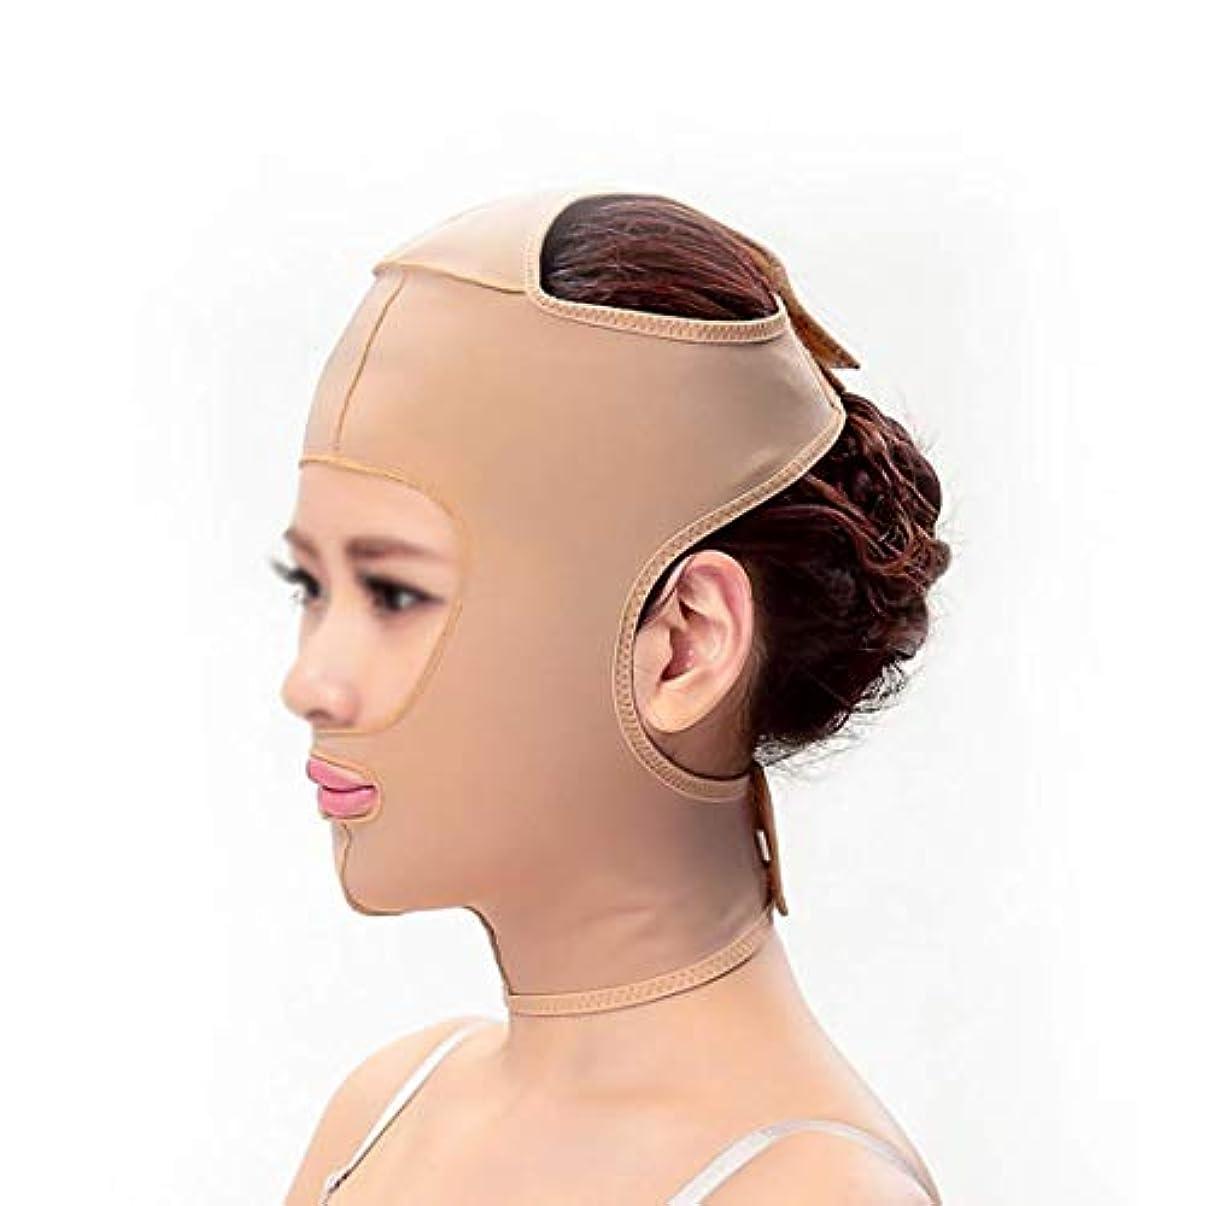 床を掃除する稚魚エッセイスリミングベルト、二重あごの引き締め顔面プラスチックフェイスアーティファクト強力なフェイスバンデージをサイズアップするために顔面マスクシンフェイスマスク,S